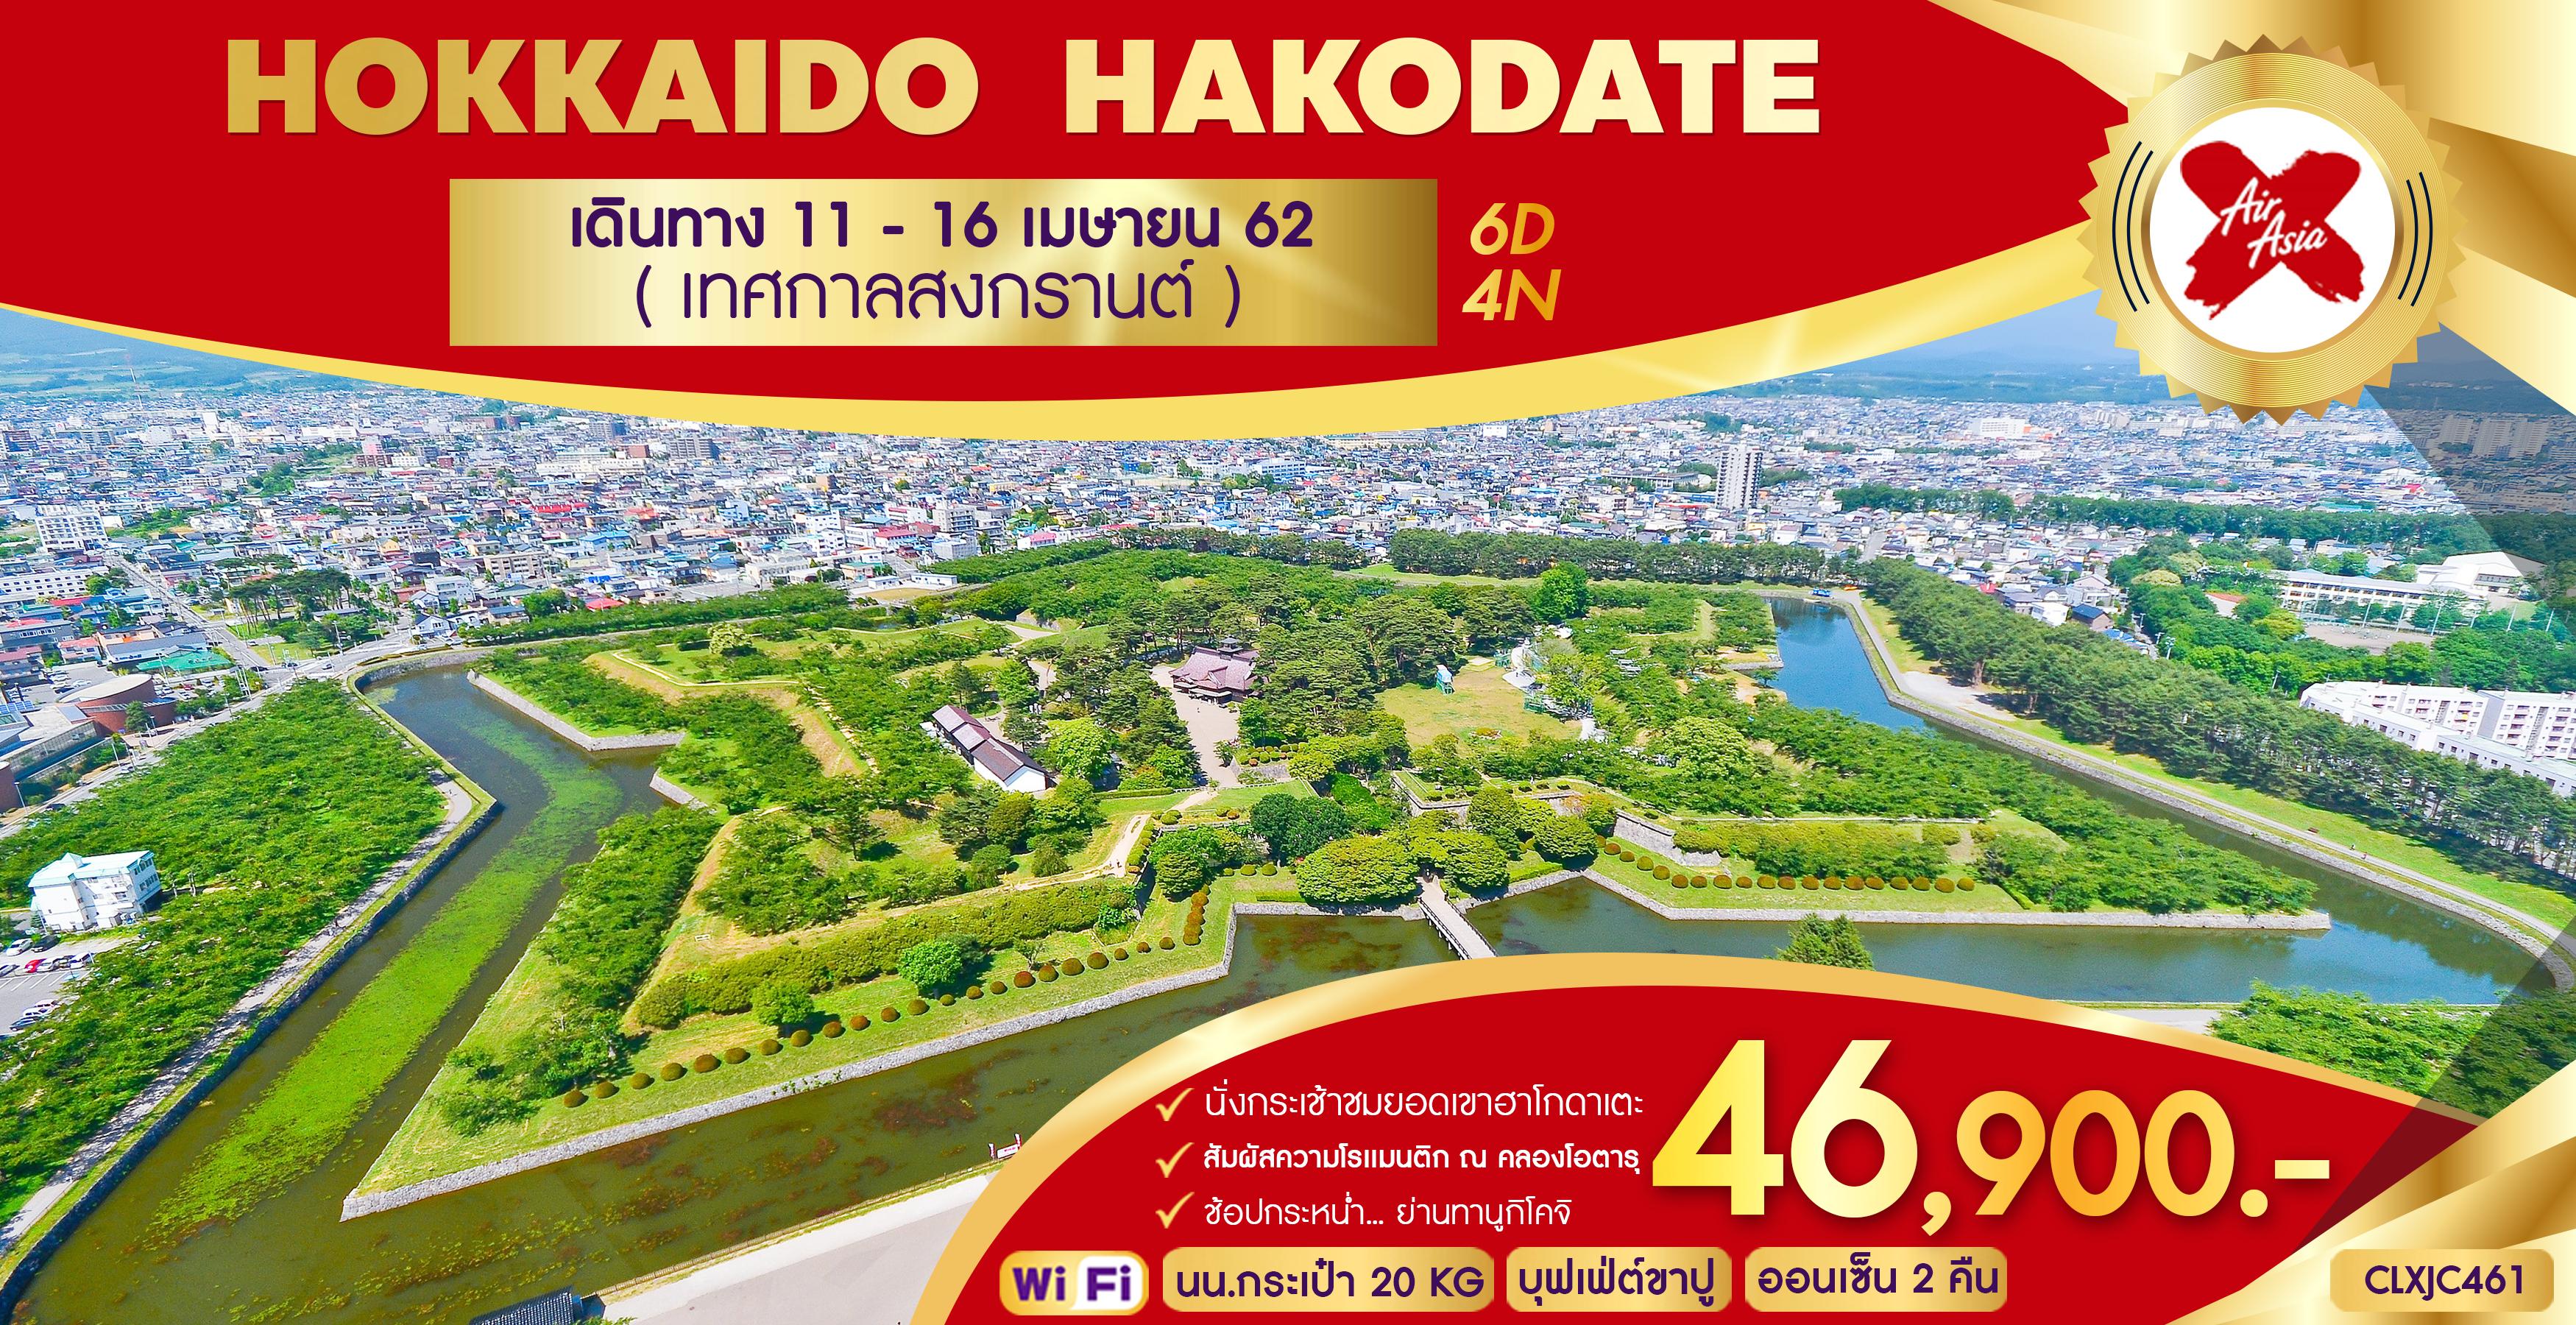 ทัวร์ญี่ปุ่น HOKKAIDO - HAKODATE 6D4N (XJ)